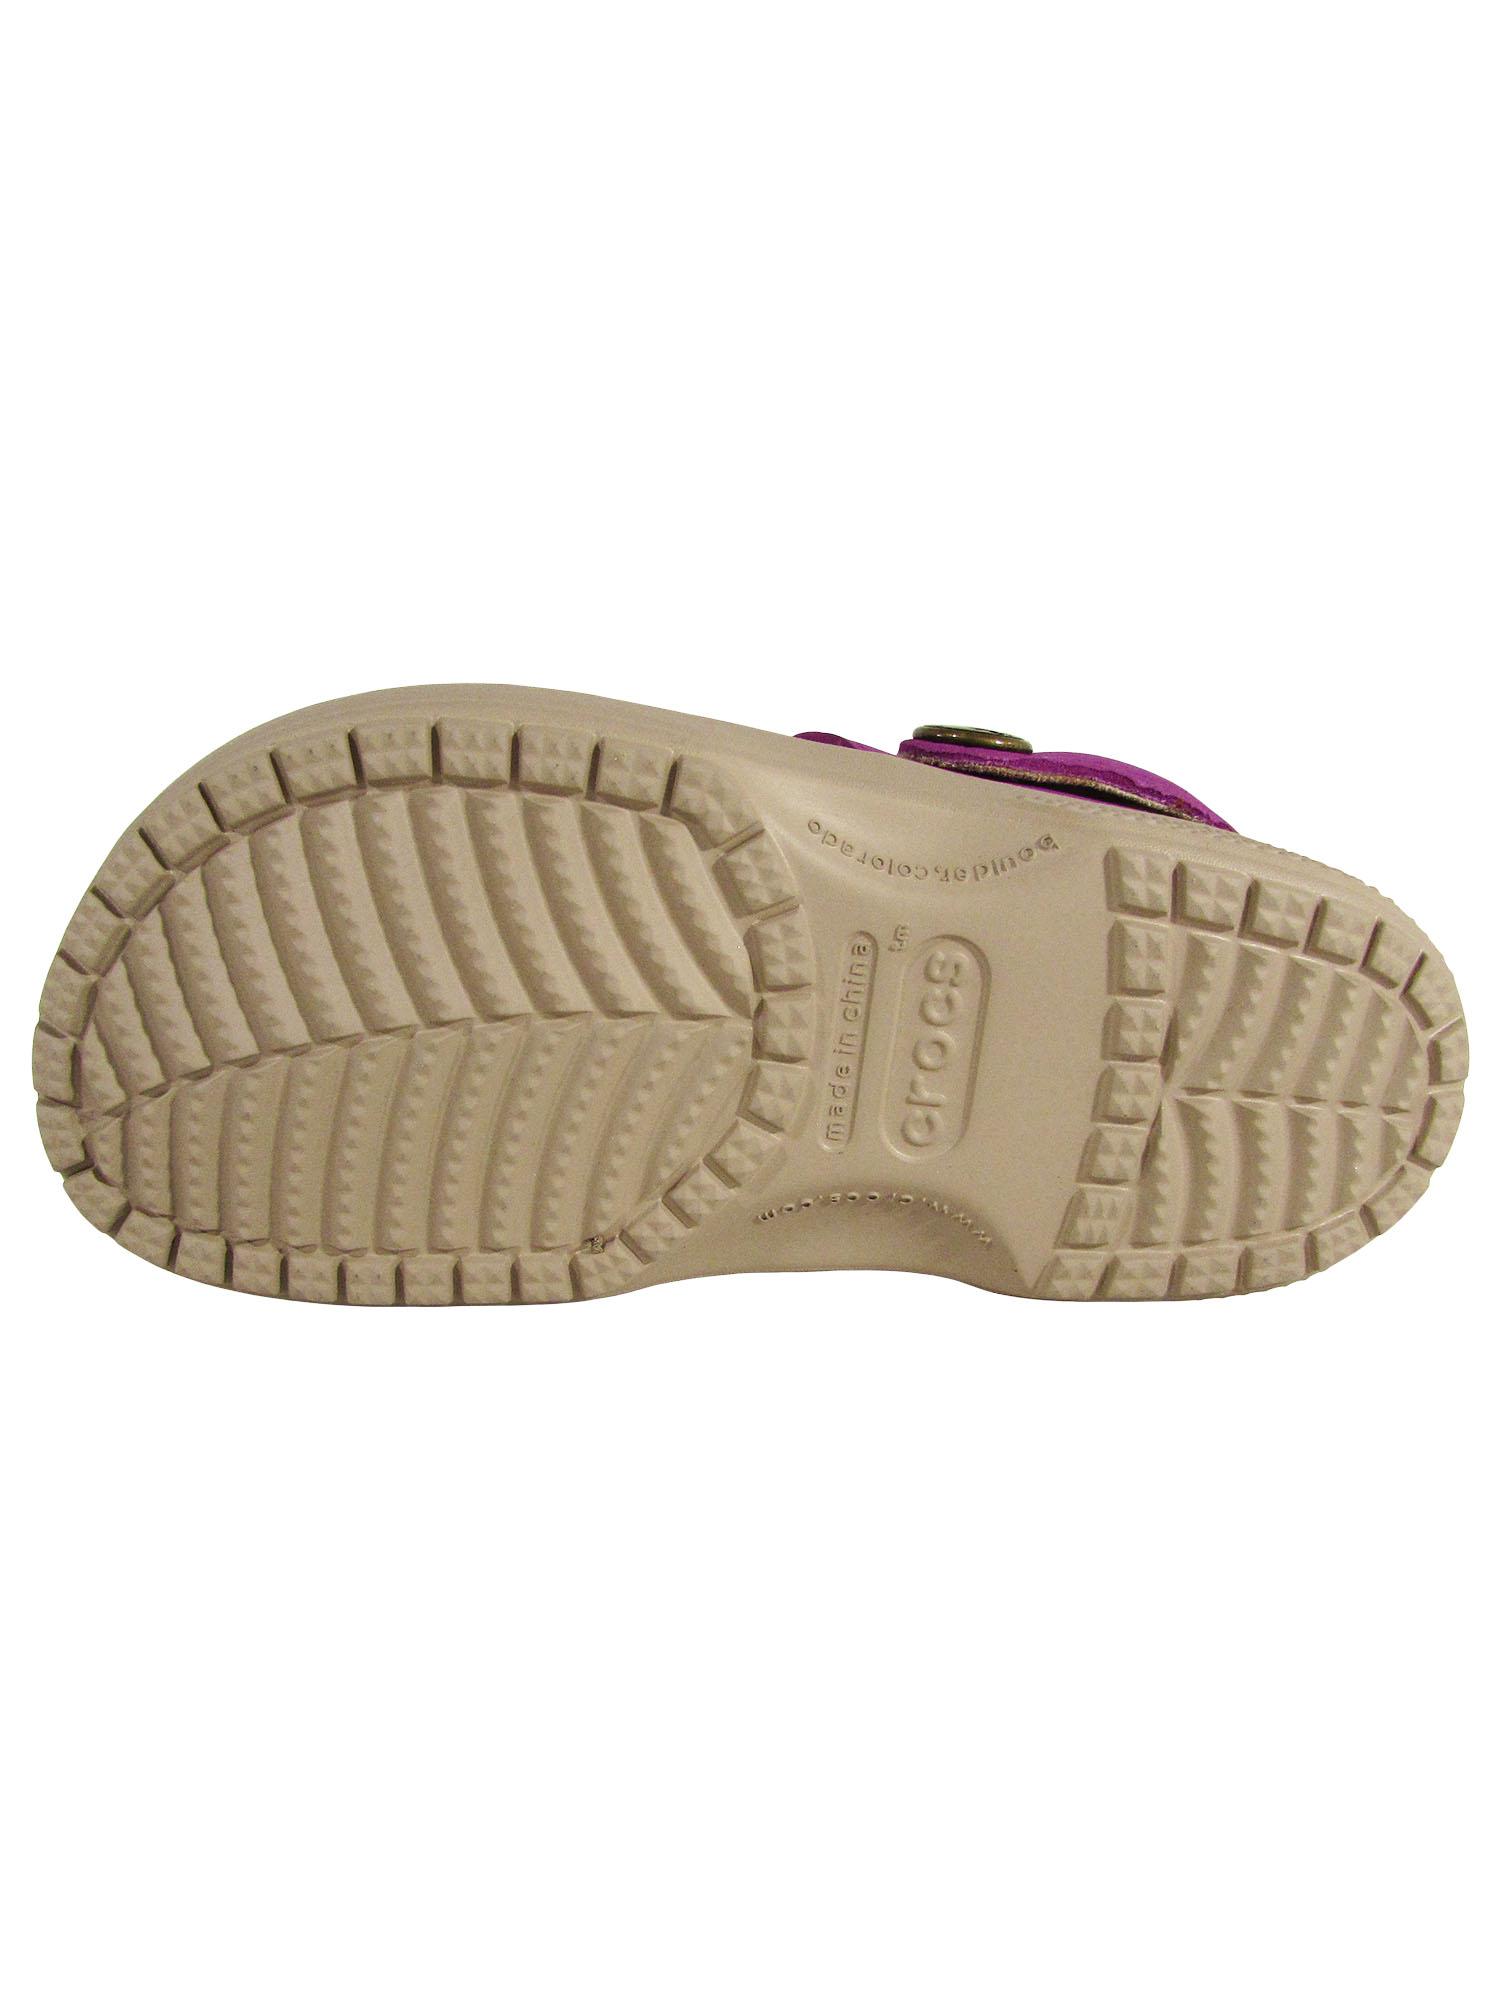 Crocs-Kids-ColorLite-Clog-Shoes thumbnail 6